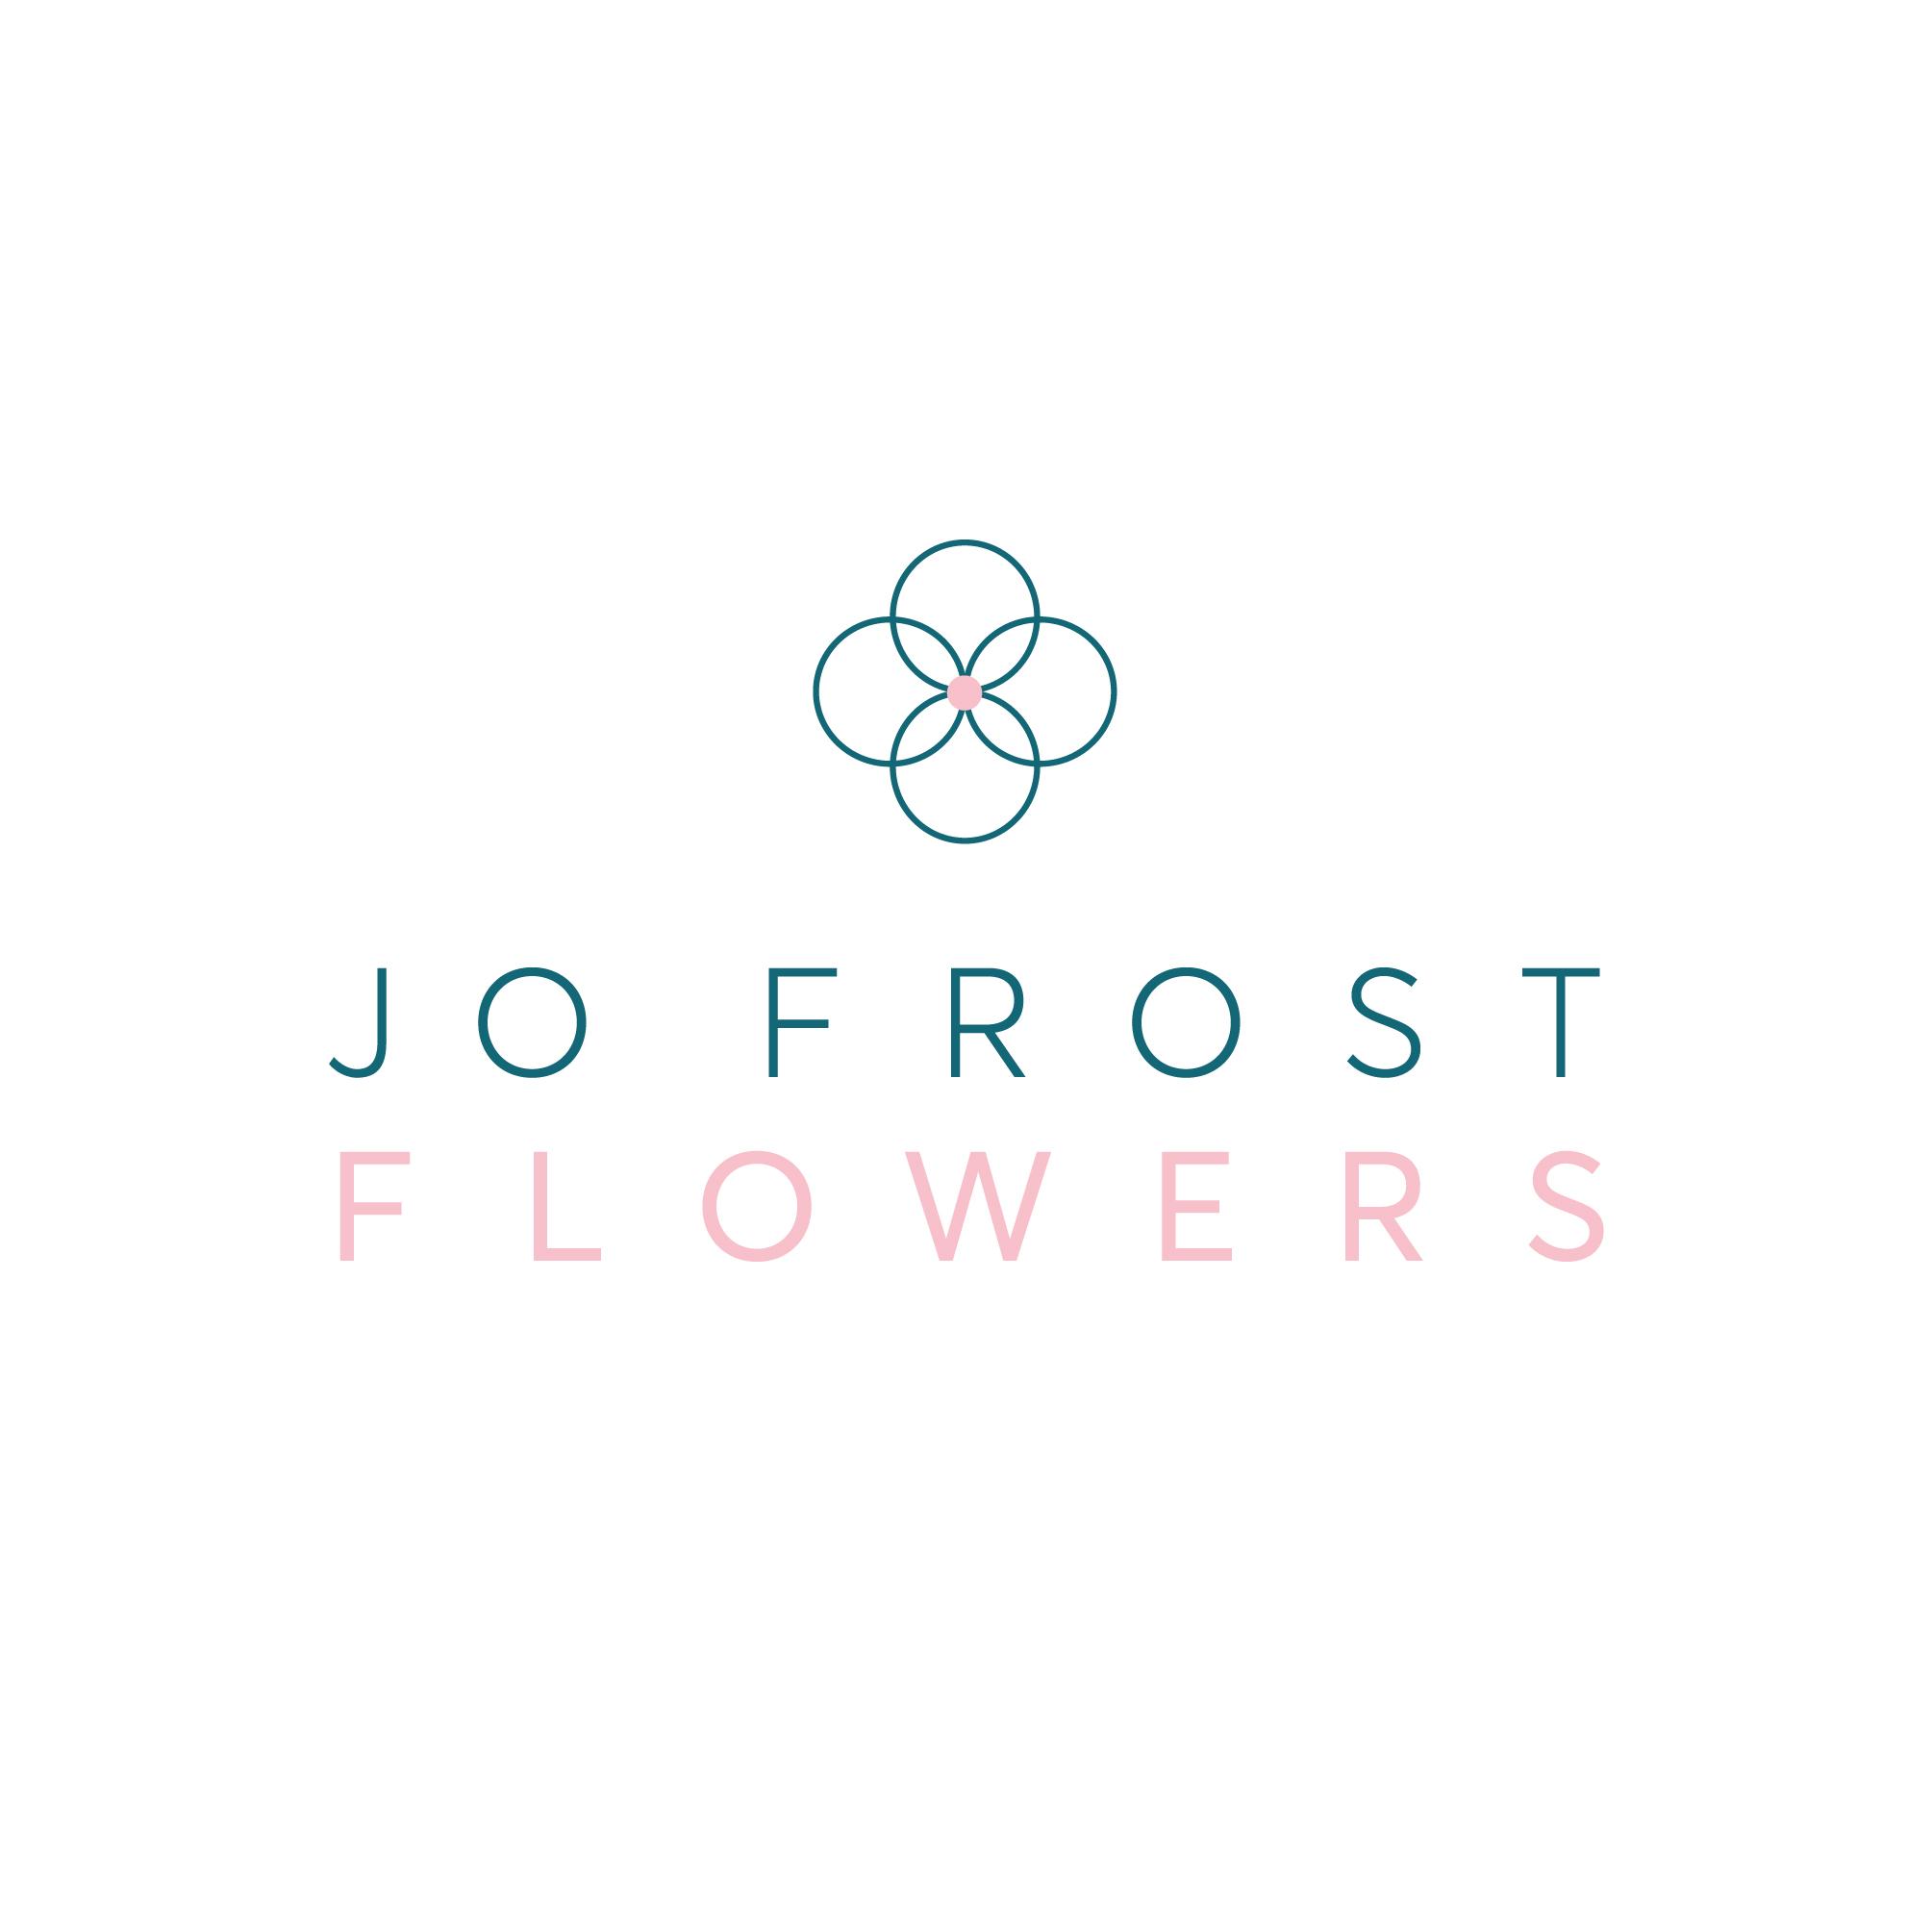 01_jo_frost_flowers_rebrand_final_files-08.jpg